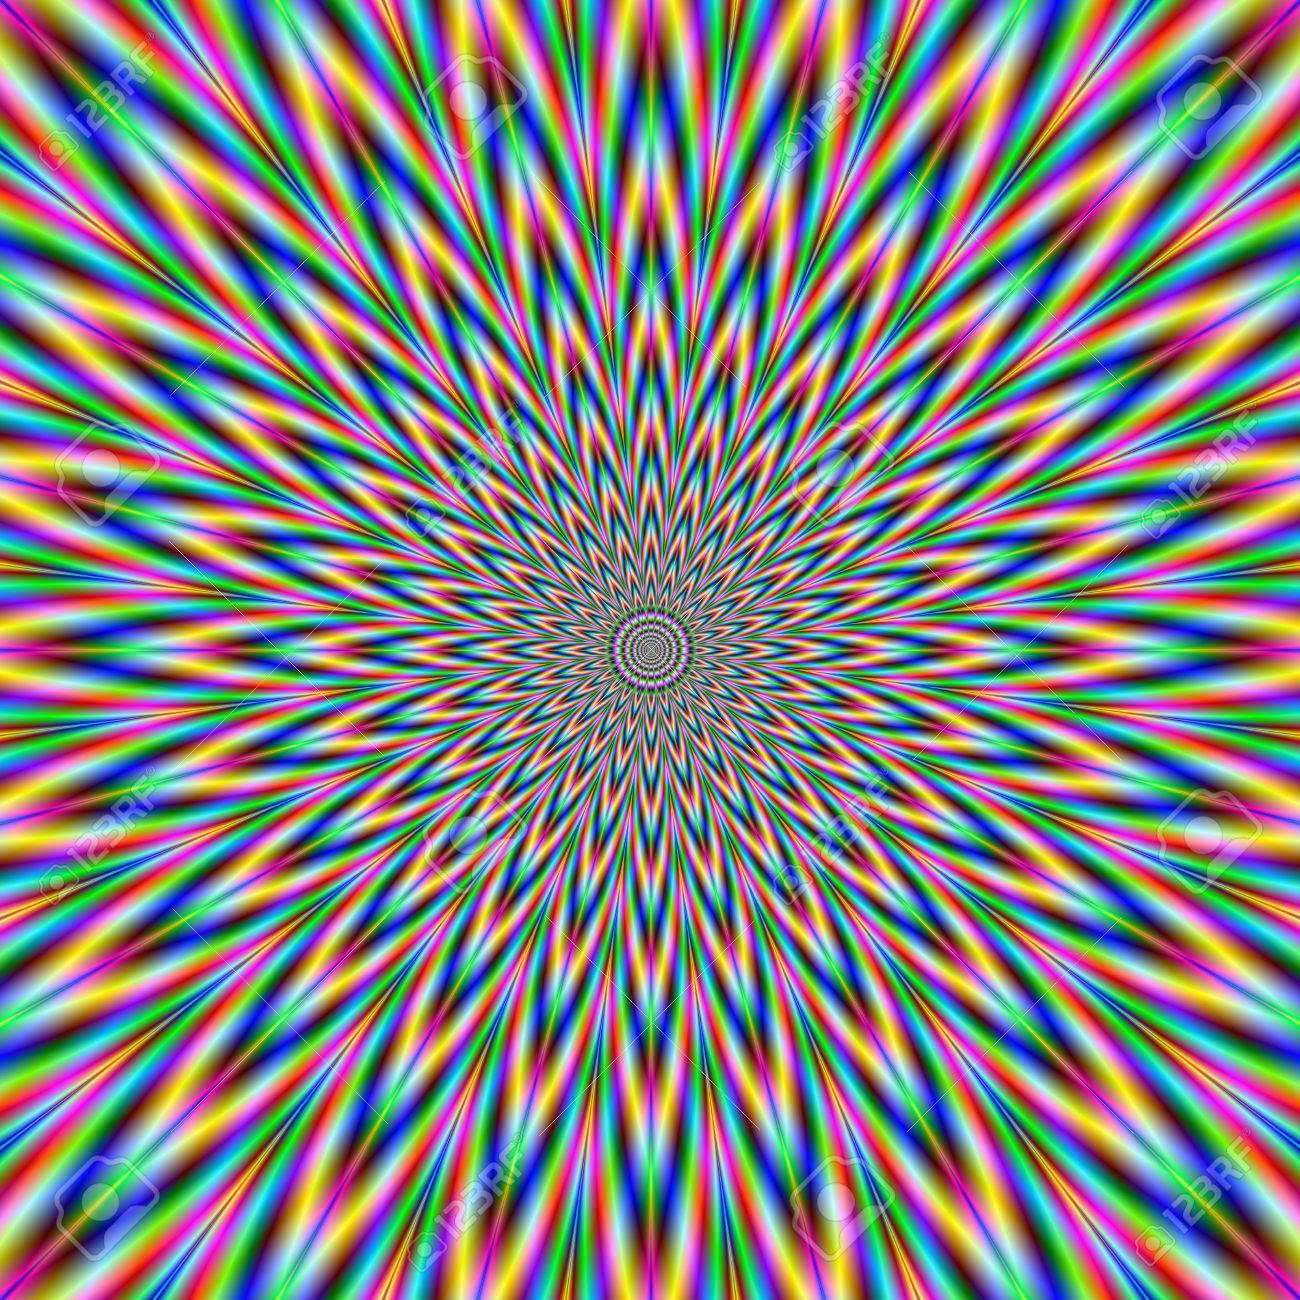 Image Numérique Fractale Abstrait Avec Un Design étoile Qui Explose En Bleu Rouge Vert Et Jaune